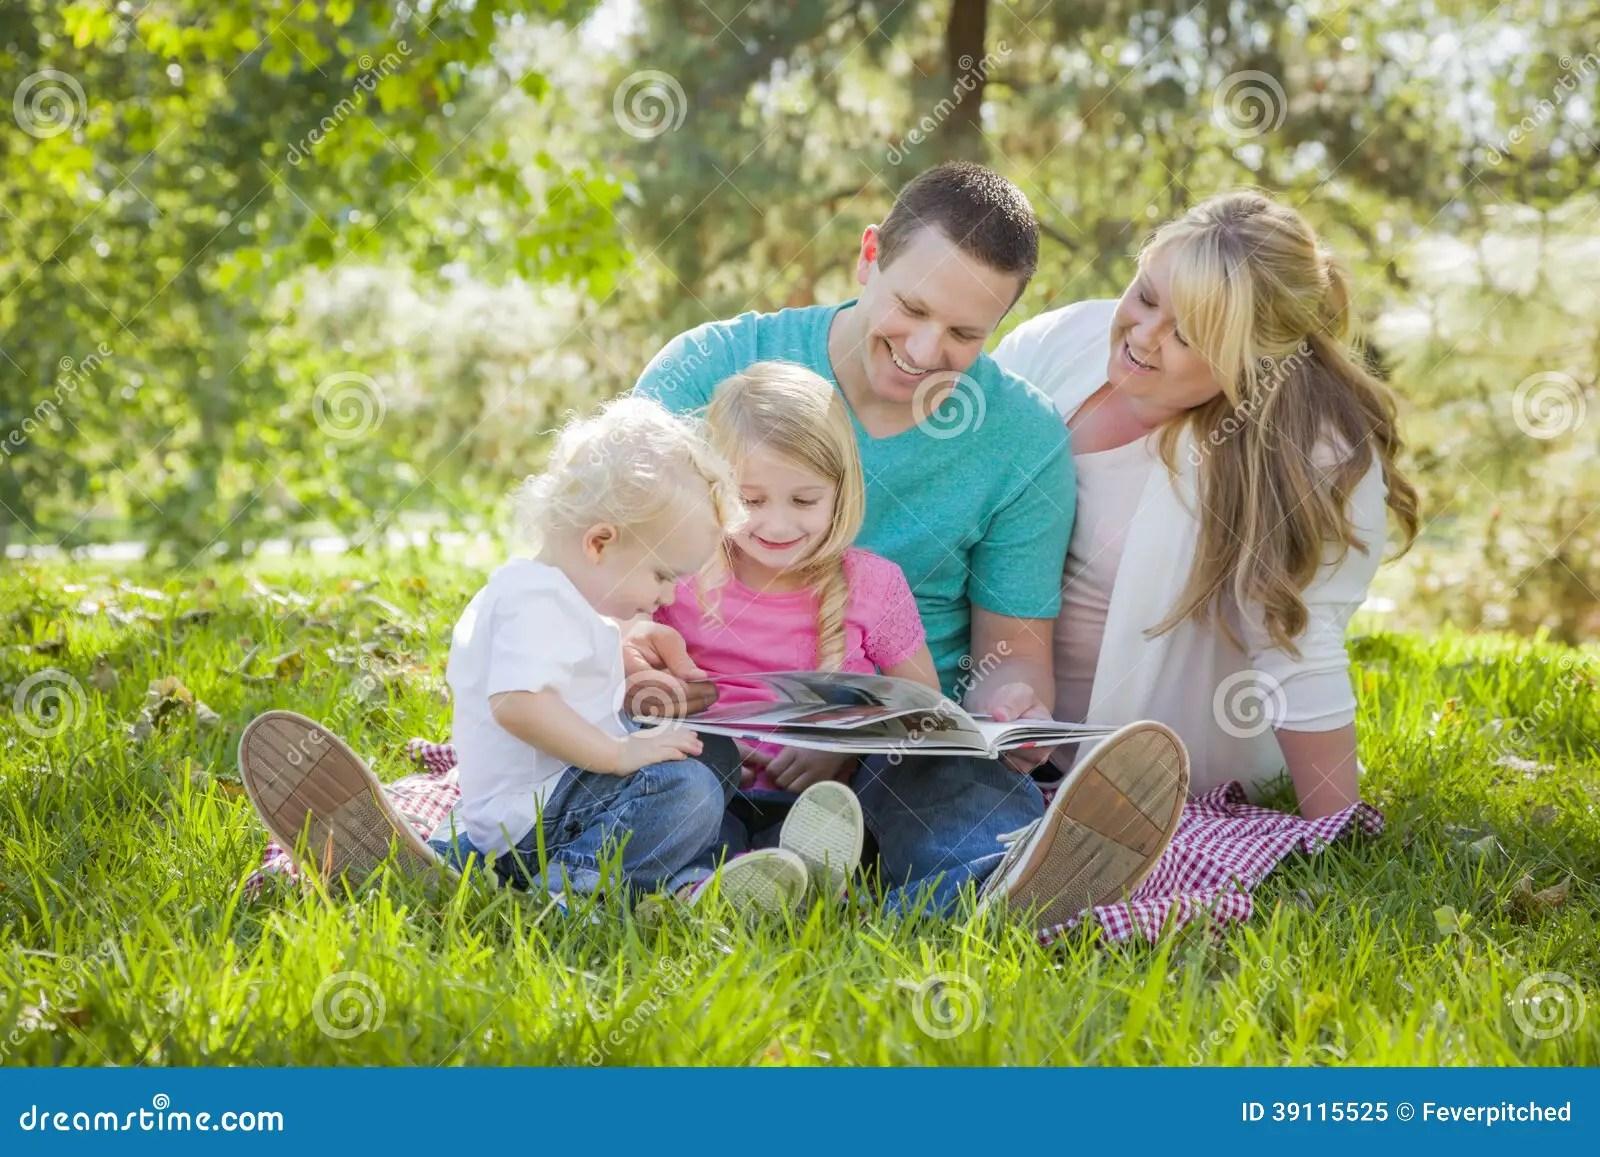 La Familia Joven Goza El Leer De Un Libro En El Parque